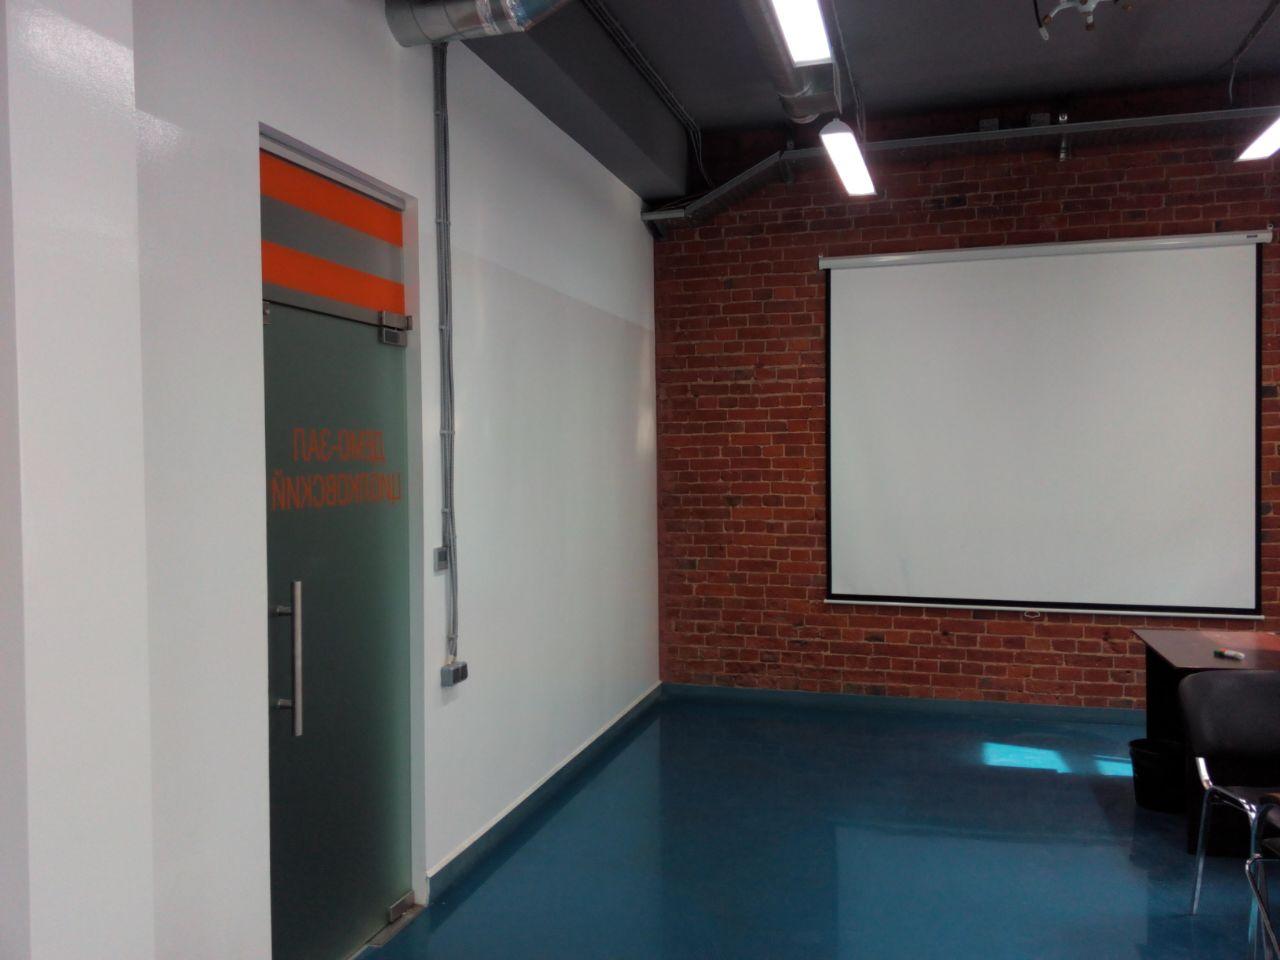 Обновили стену белой маркерной краской Le Vanille PRO